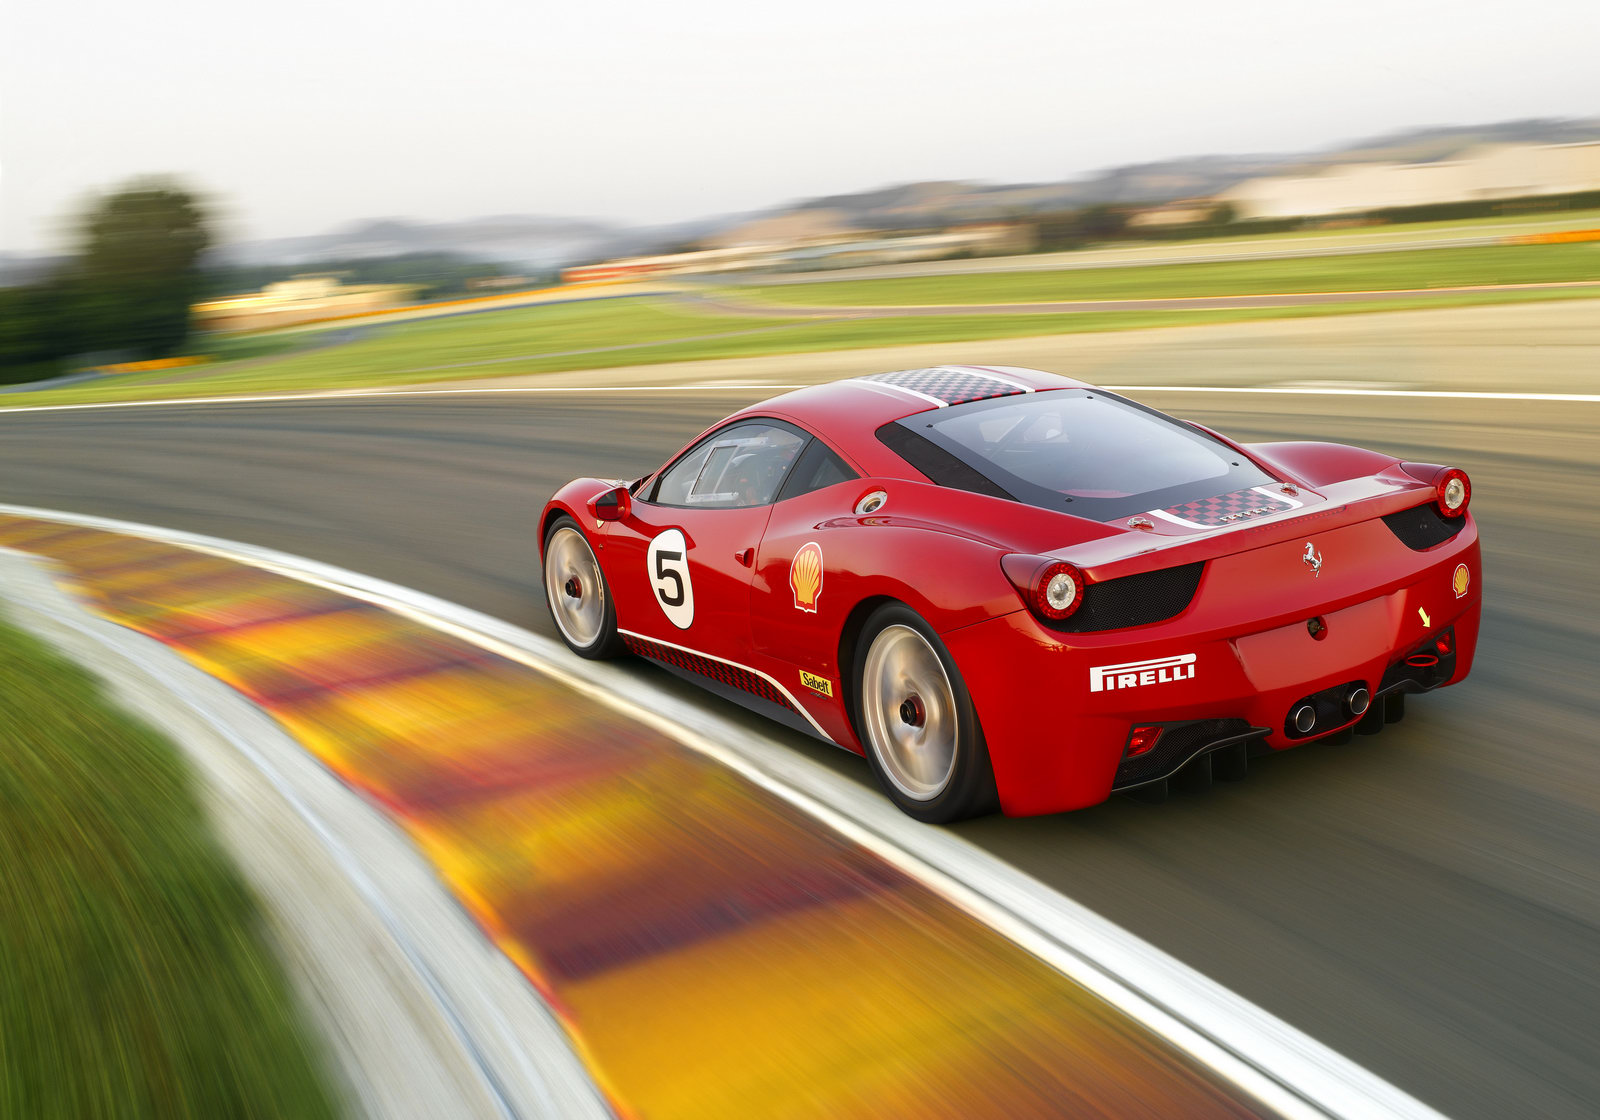 Vidéo : Ferrari 458 Challenge Admirez cette vidéo